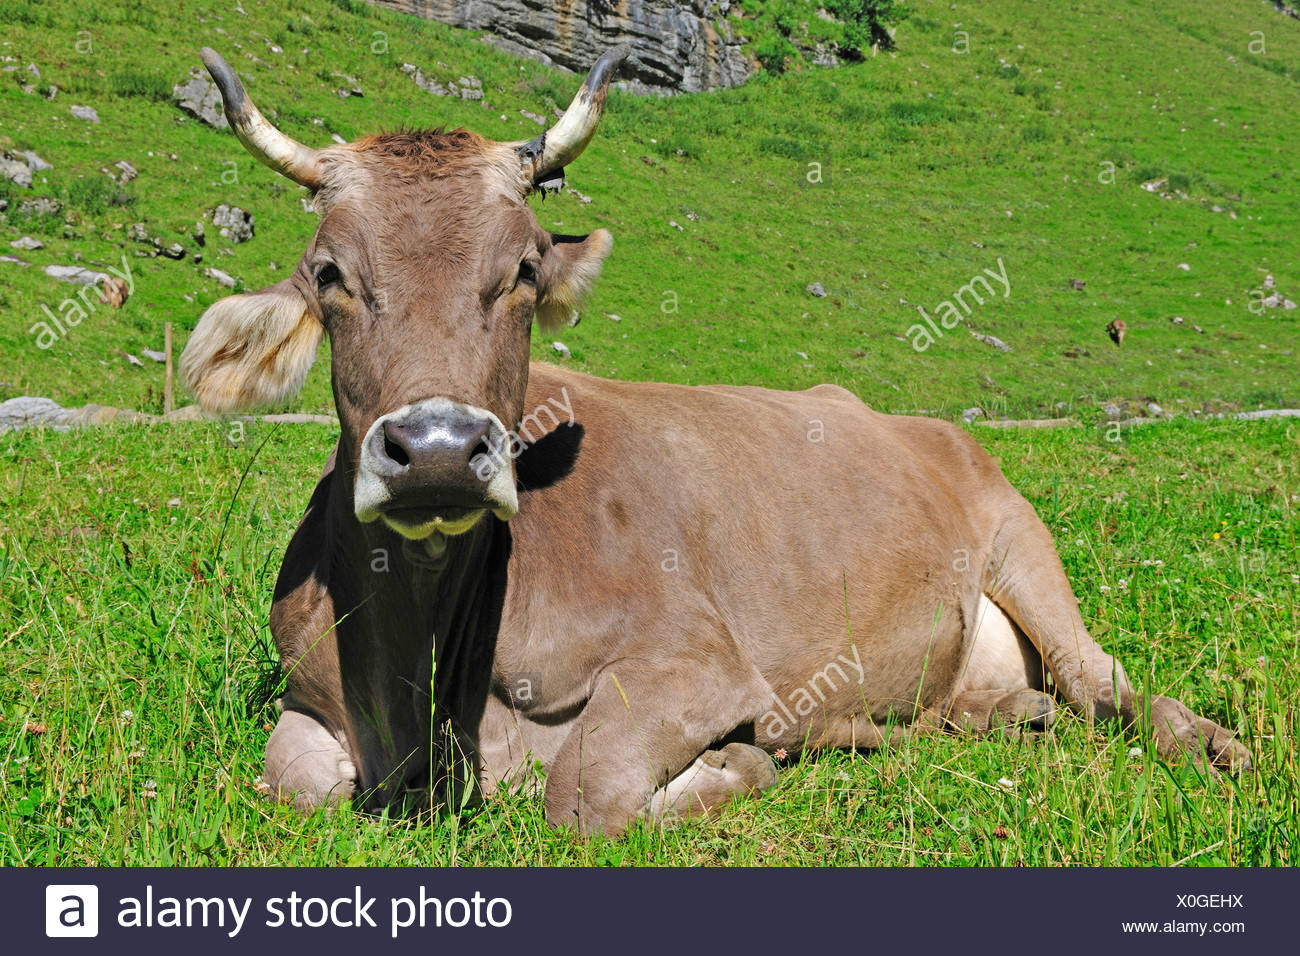 Hausrind (Bos Primigenius F. Taurus), Kuh auf der Alm, der Schweiz, Kanton Appenzell, Alpsteingebirge Stockbild